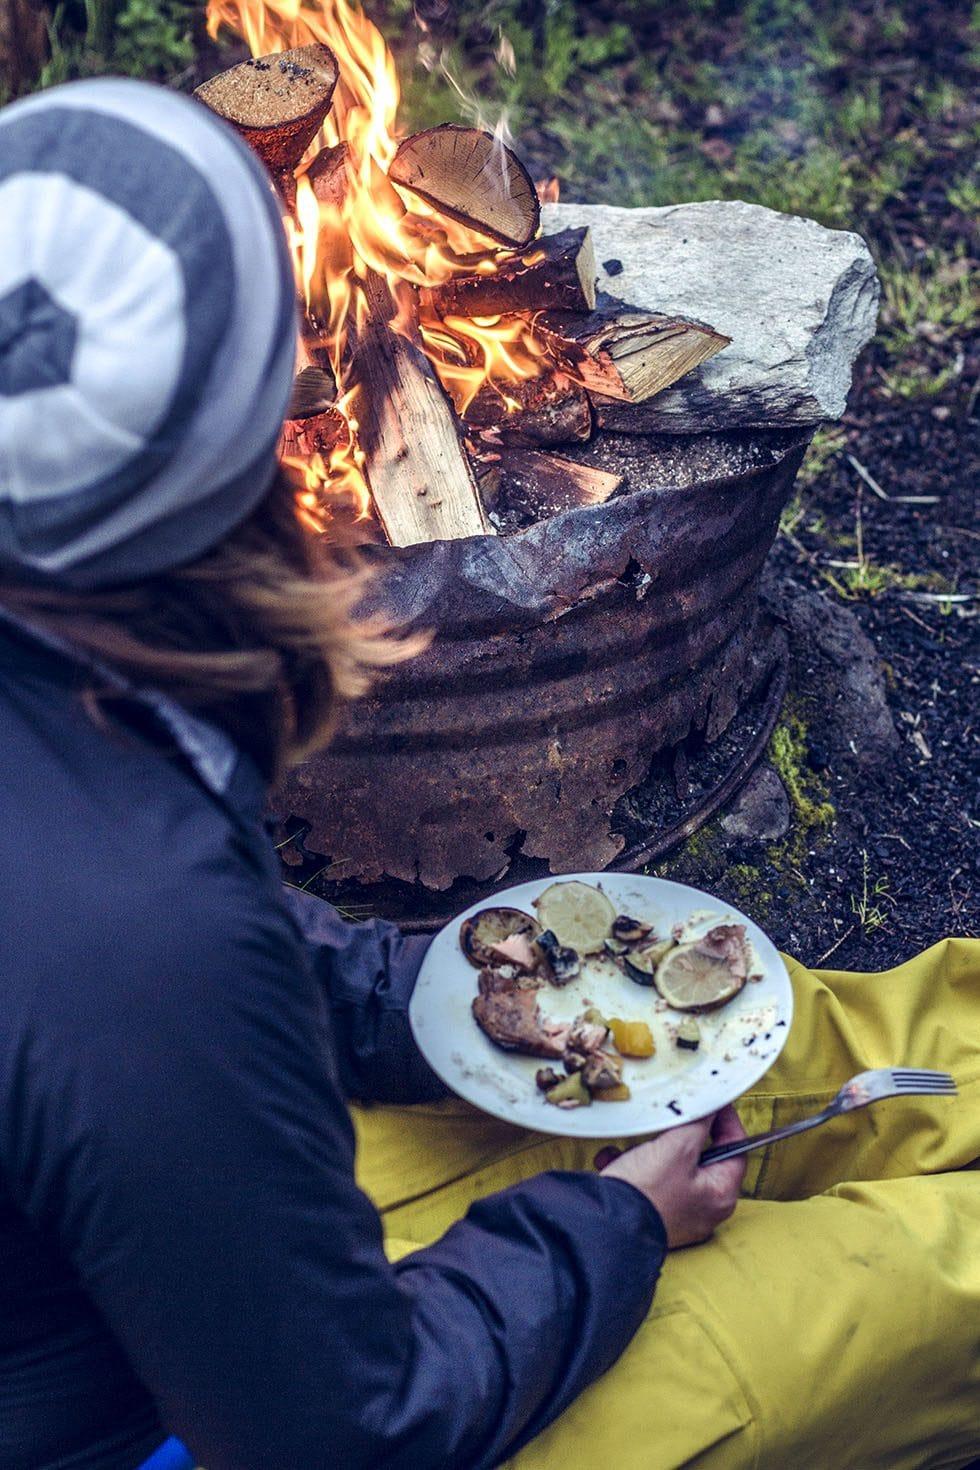 Offsjöarna Lyckans läger Edsåsdalen